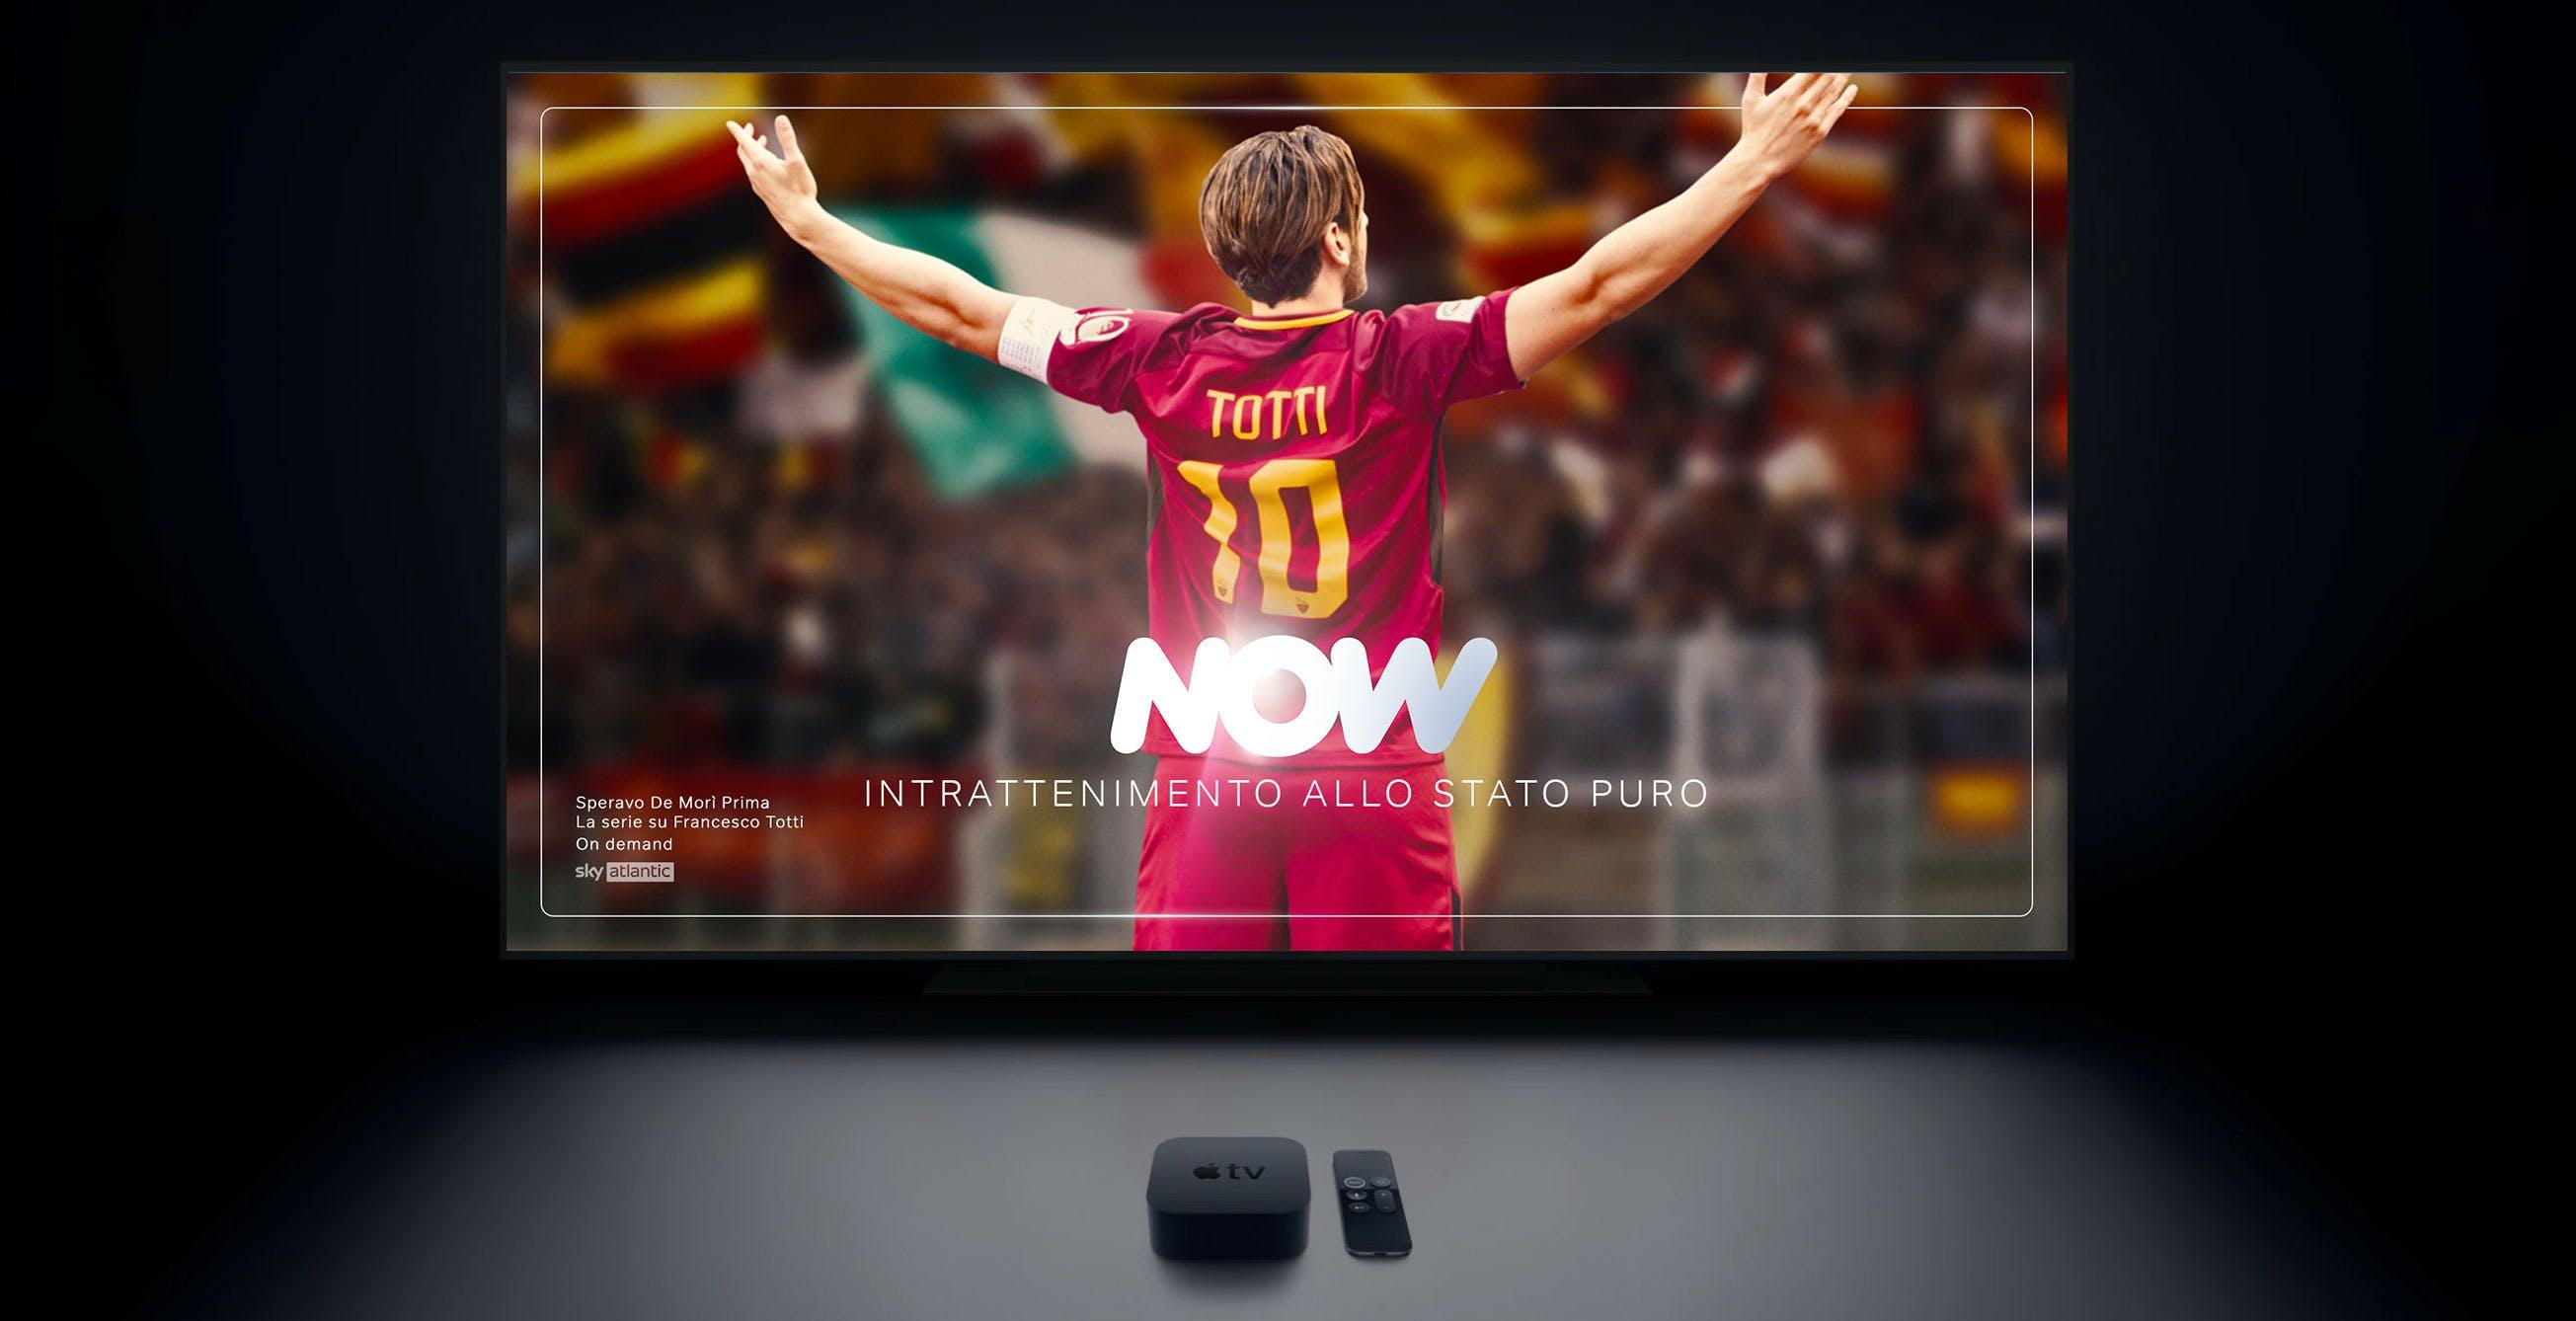 NOW arriva su Apple TV. Migliora anche la risoluzione: da oggi tutta NOW passa a 1080p